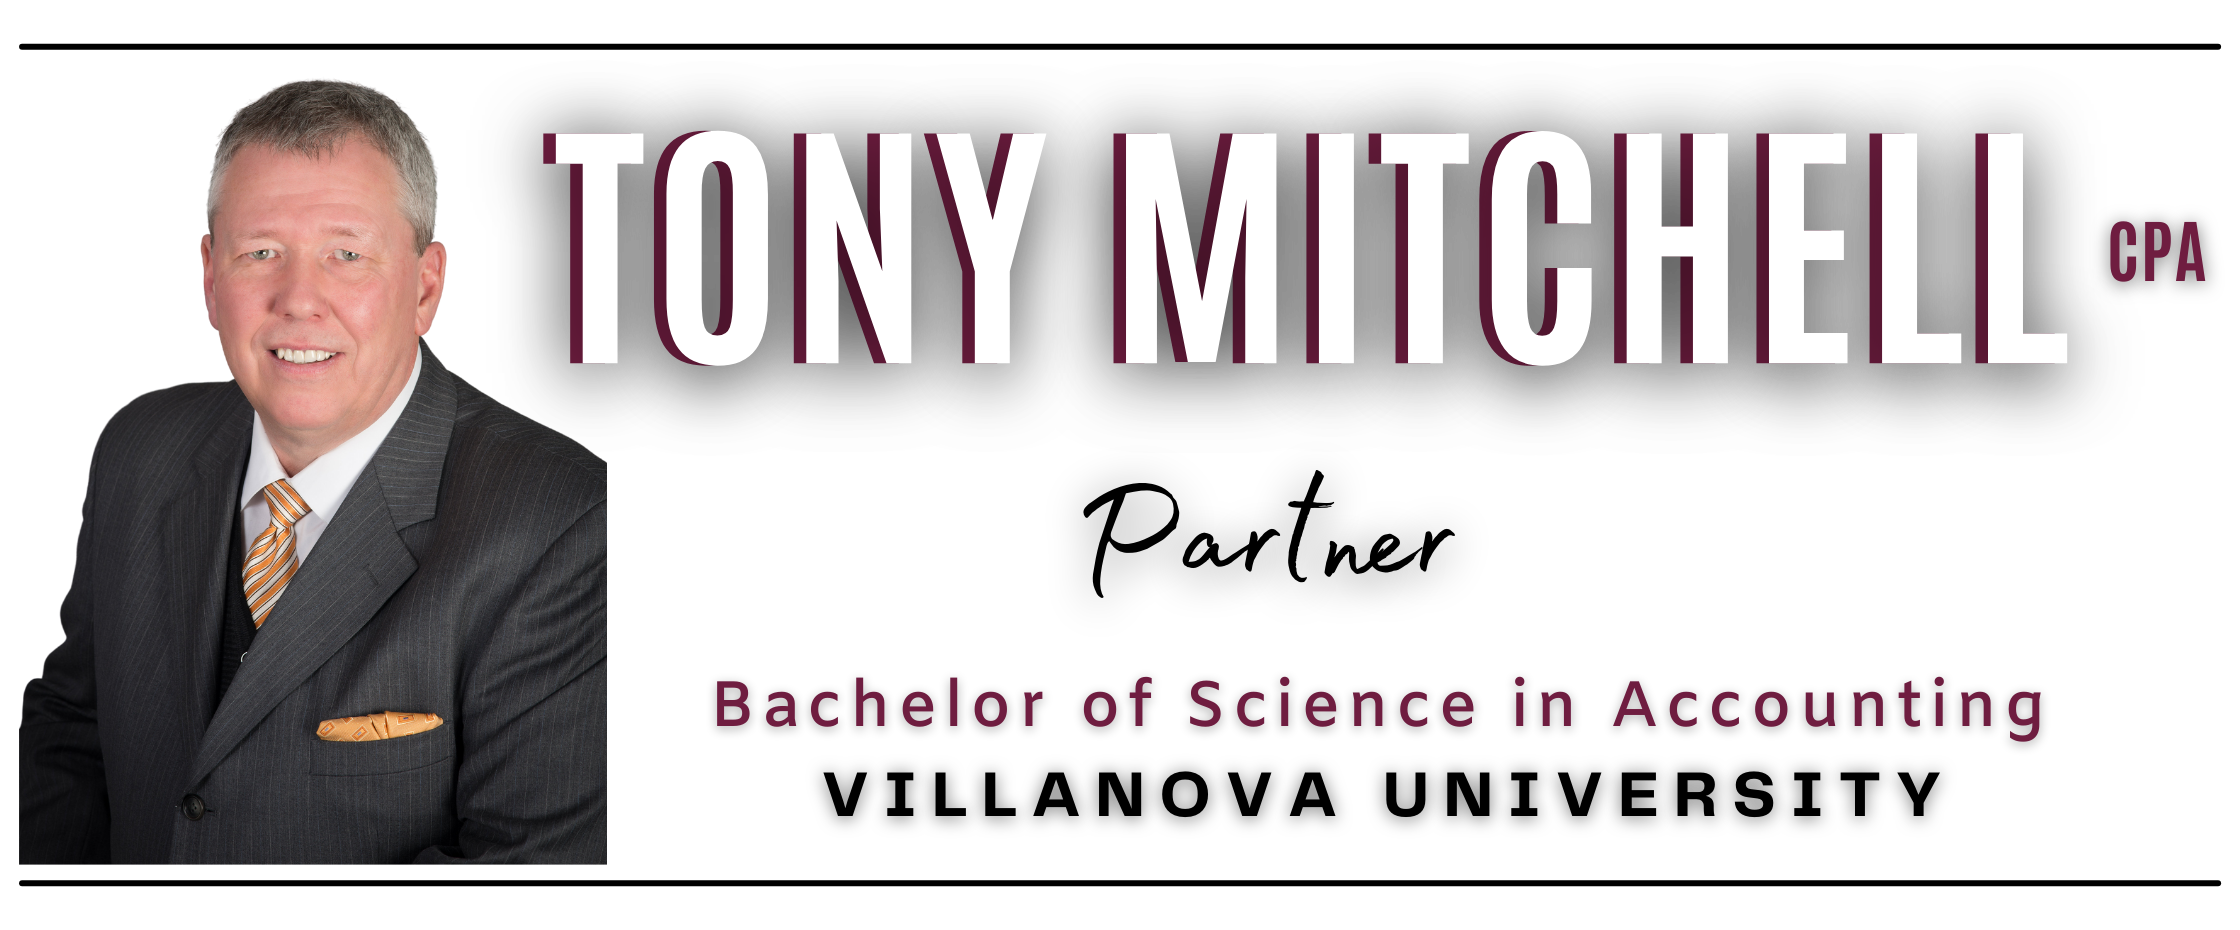 TonyMitchell-1